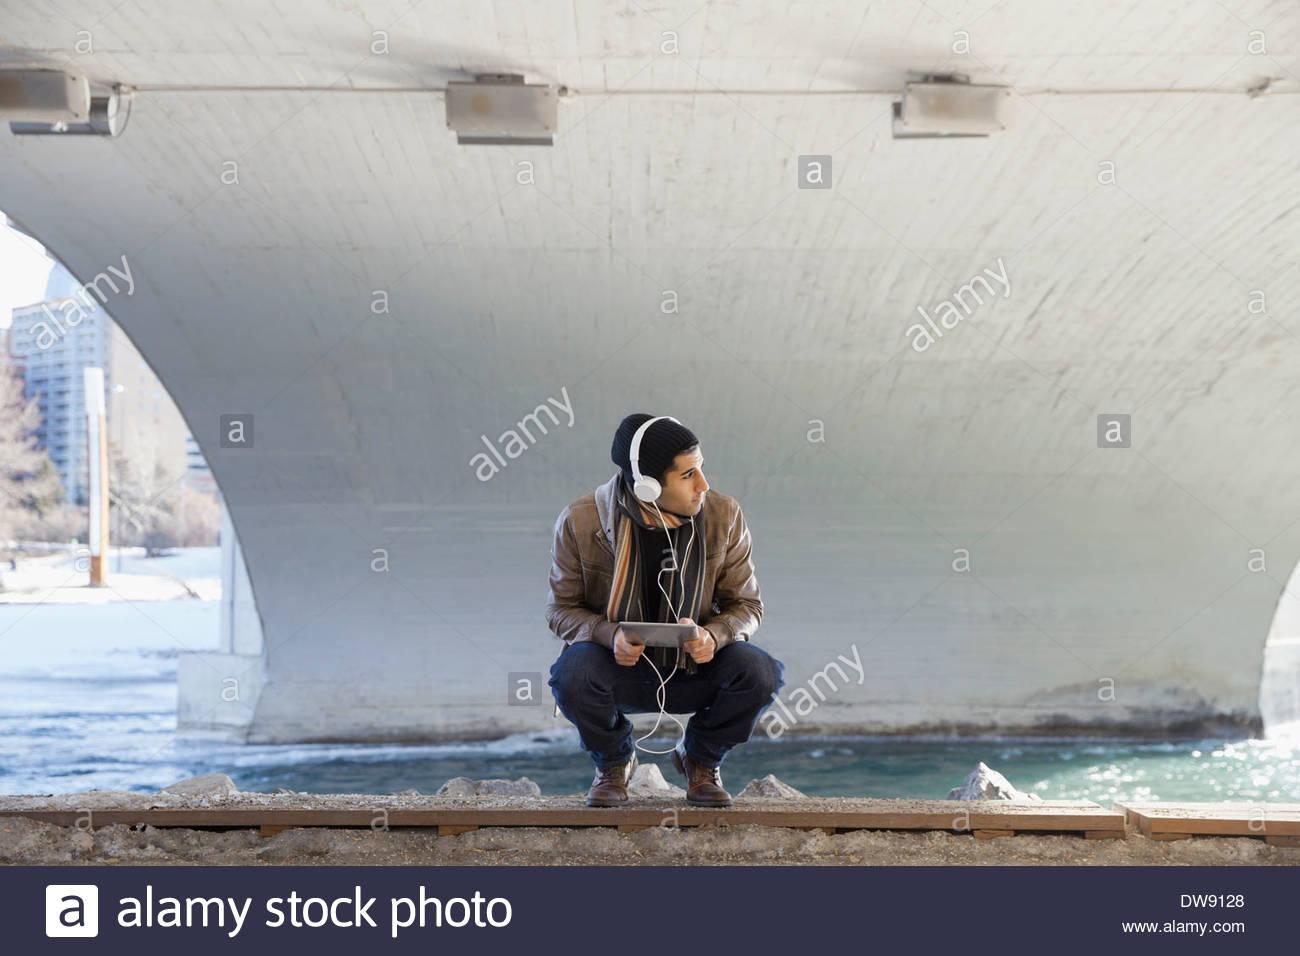 L'homme accroupi en plein air avec tablette numérique et écouteurs Photo Stock